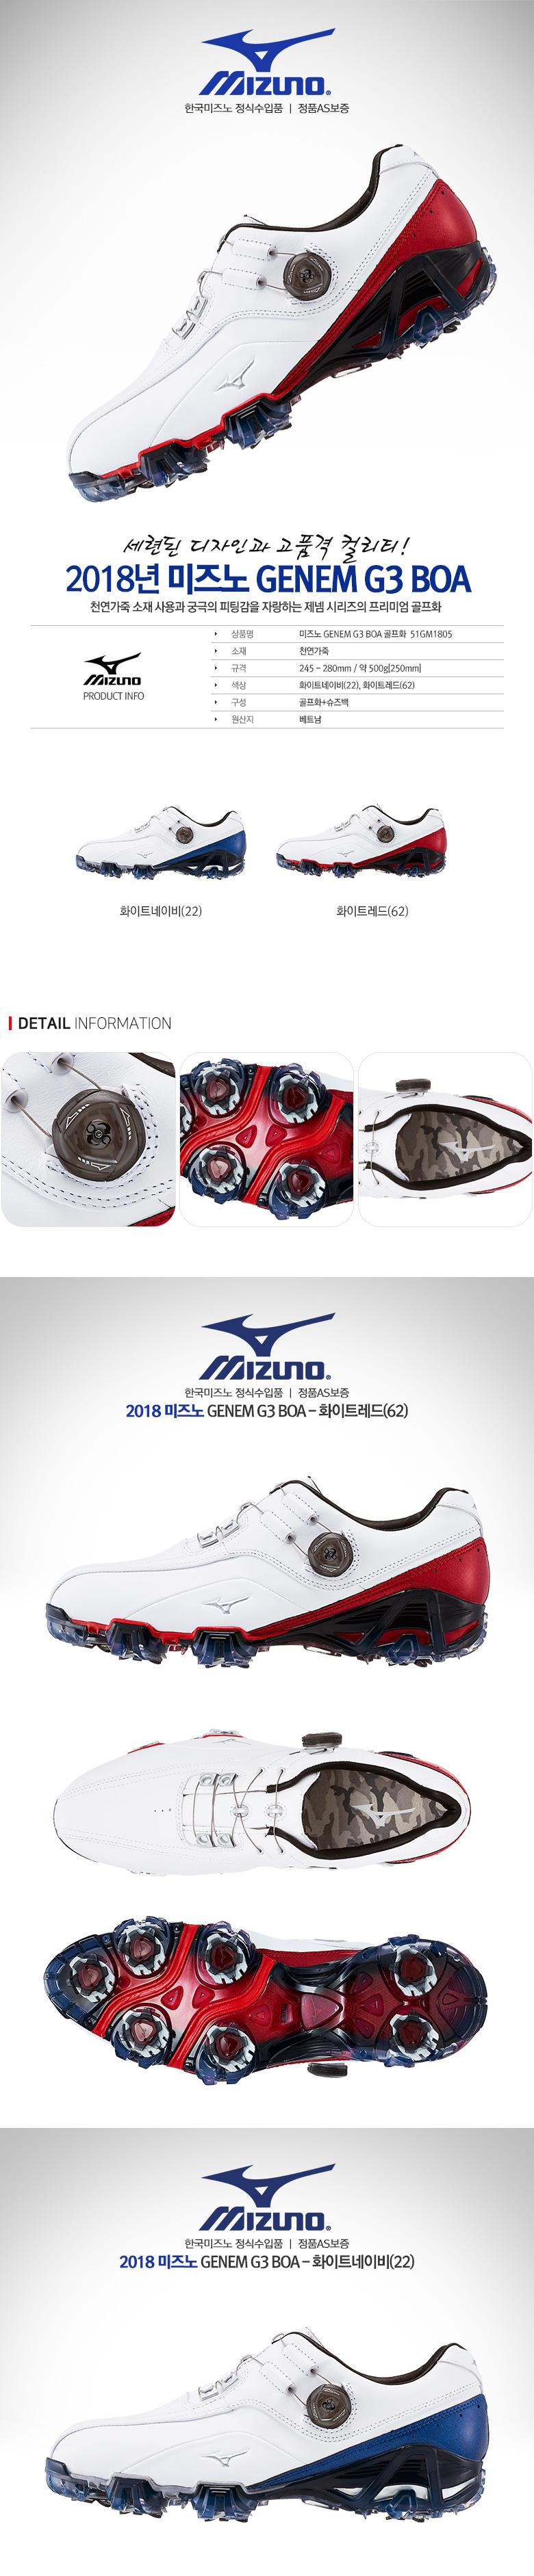 mizuno_genem_g3boa_shoes.jpg